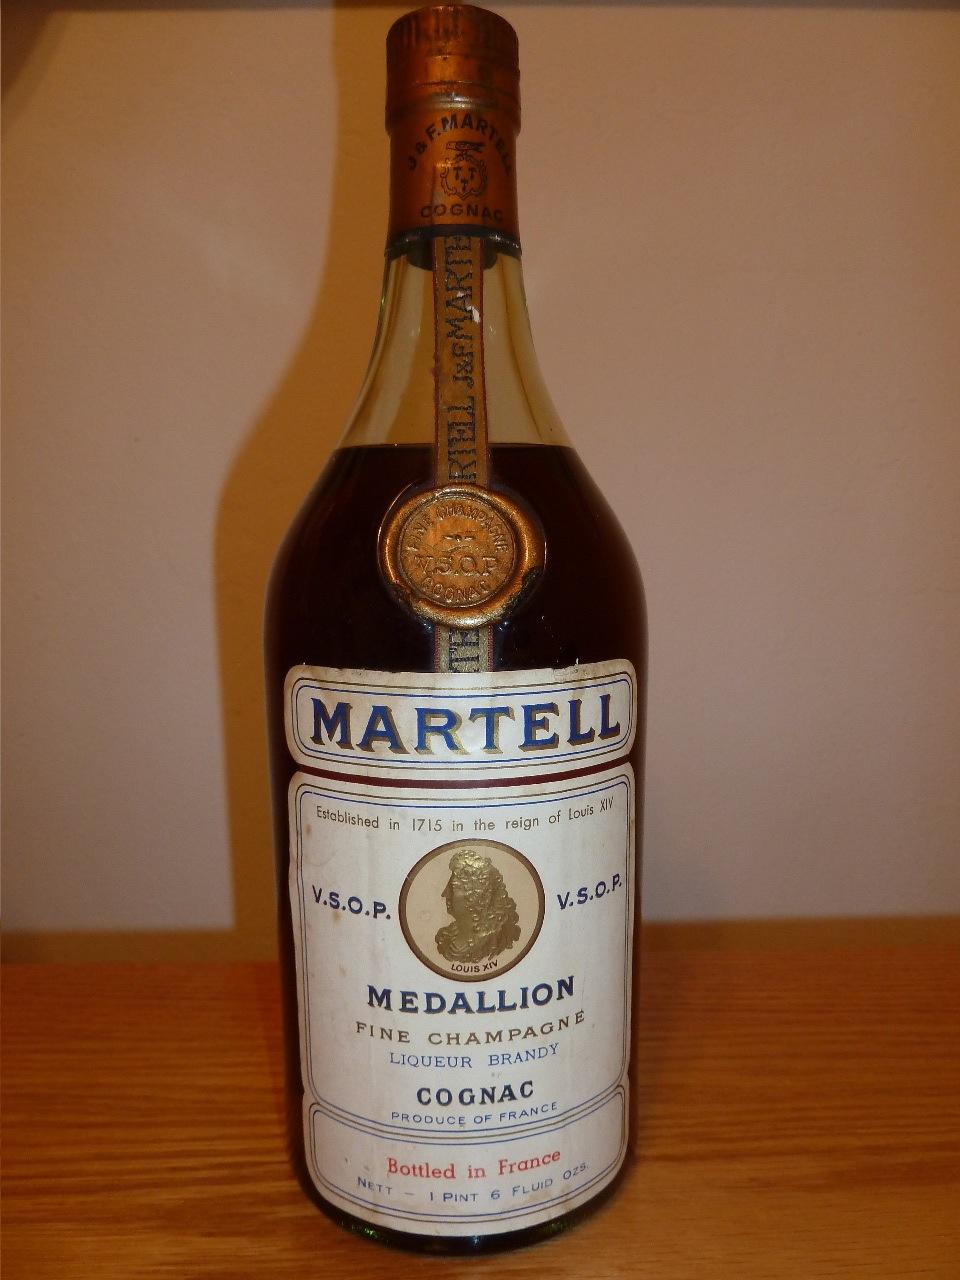 Martell Medaillion